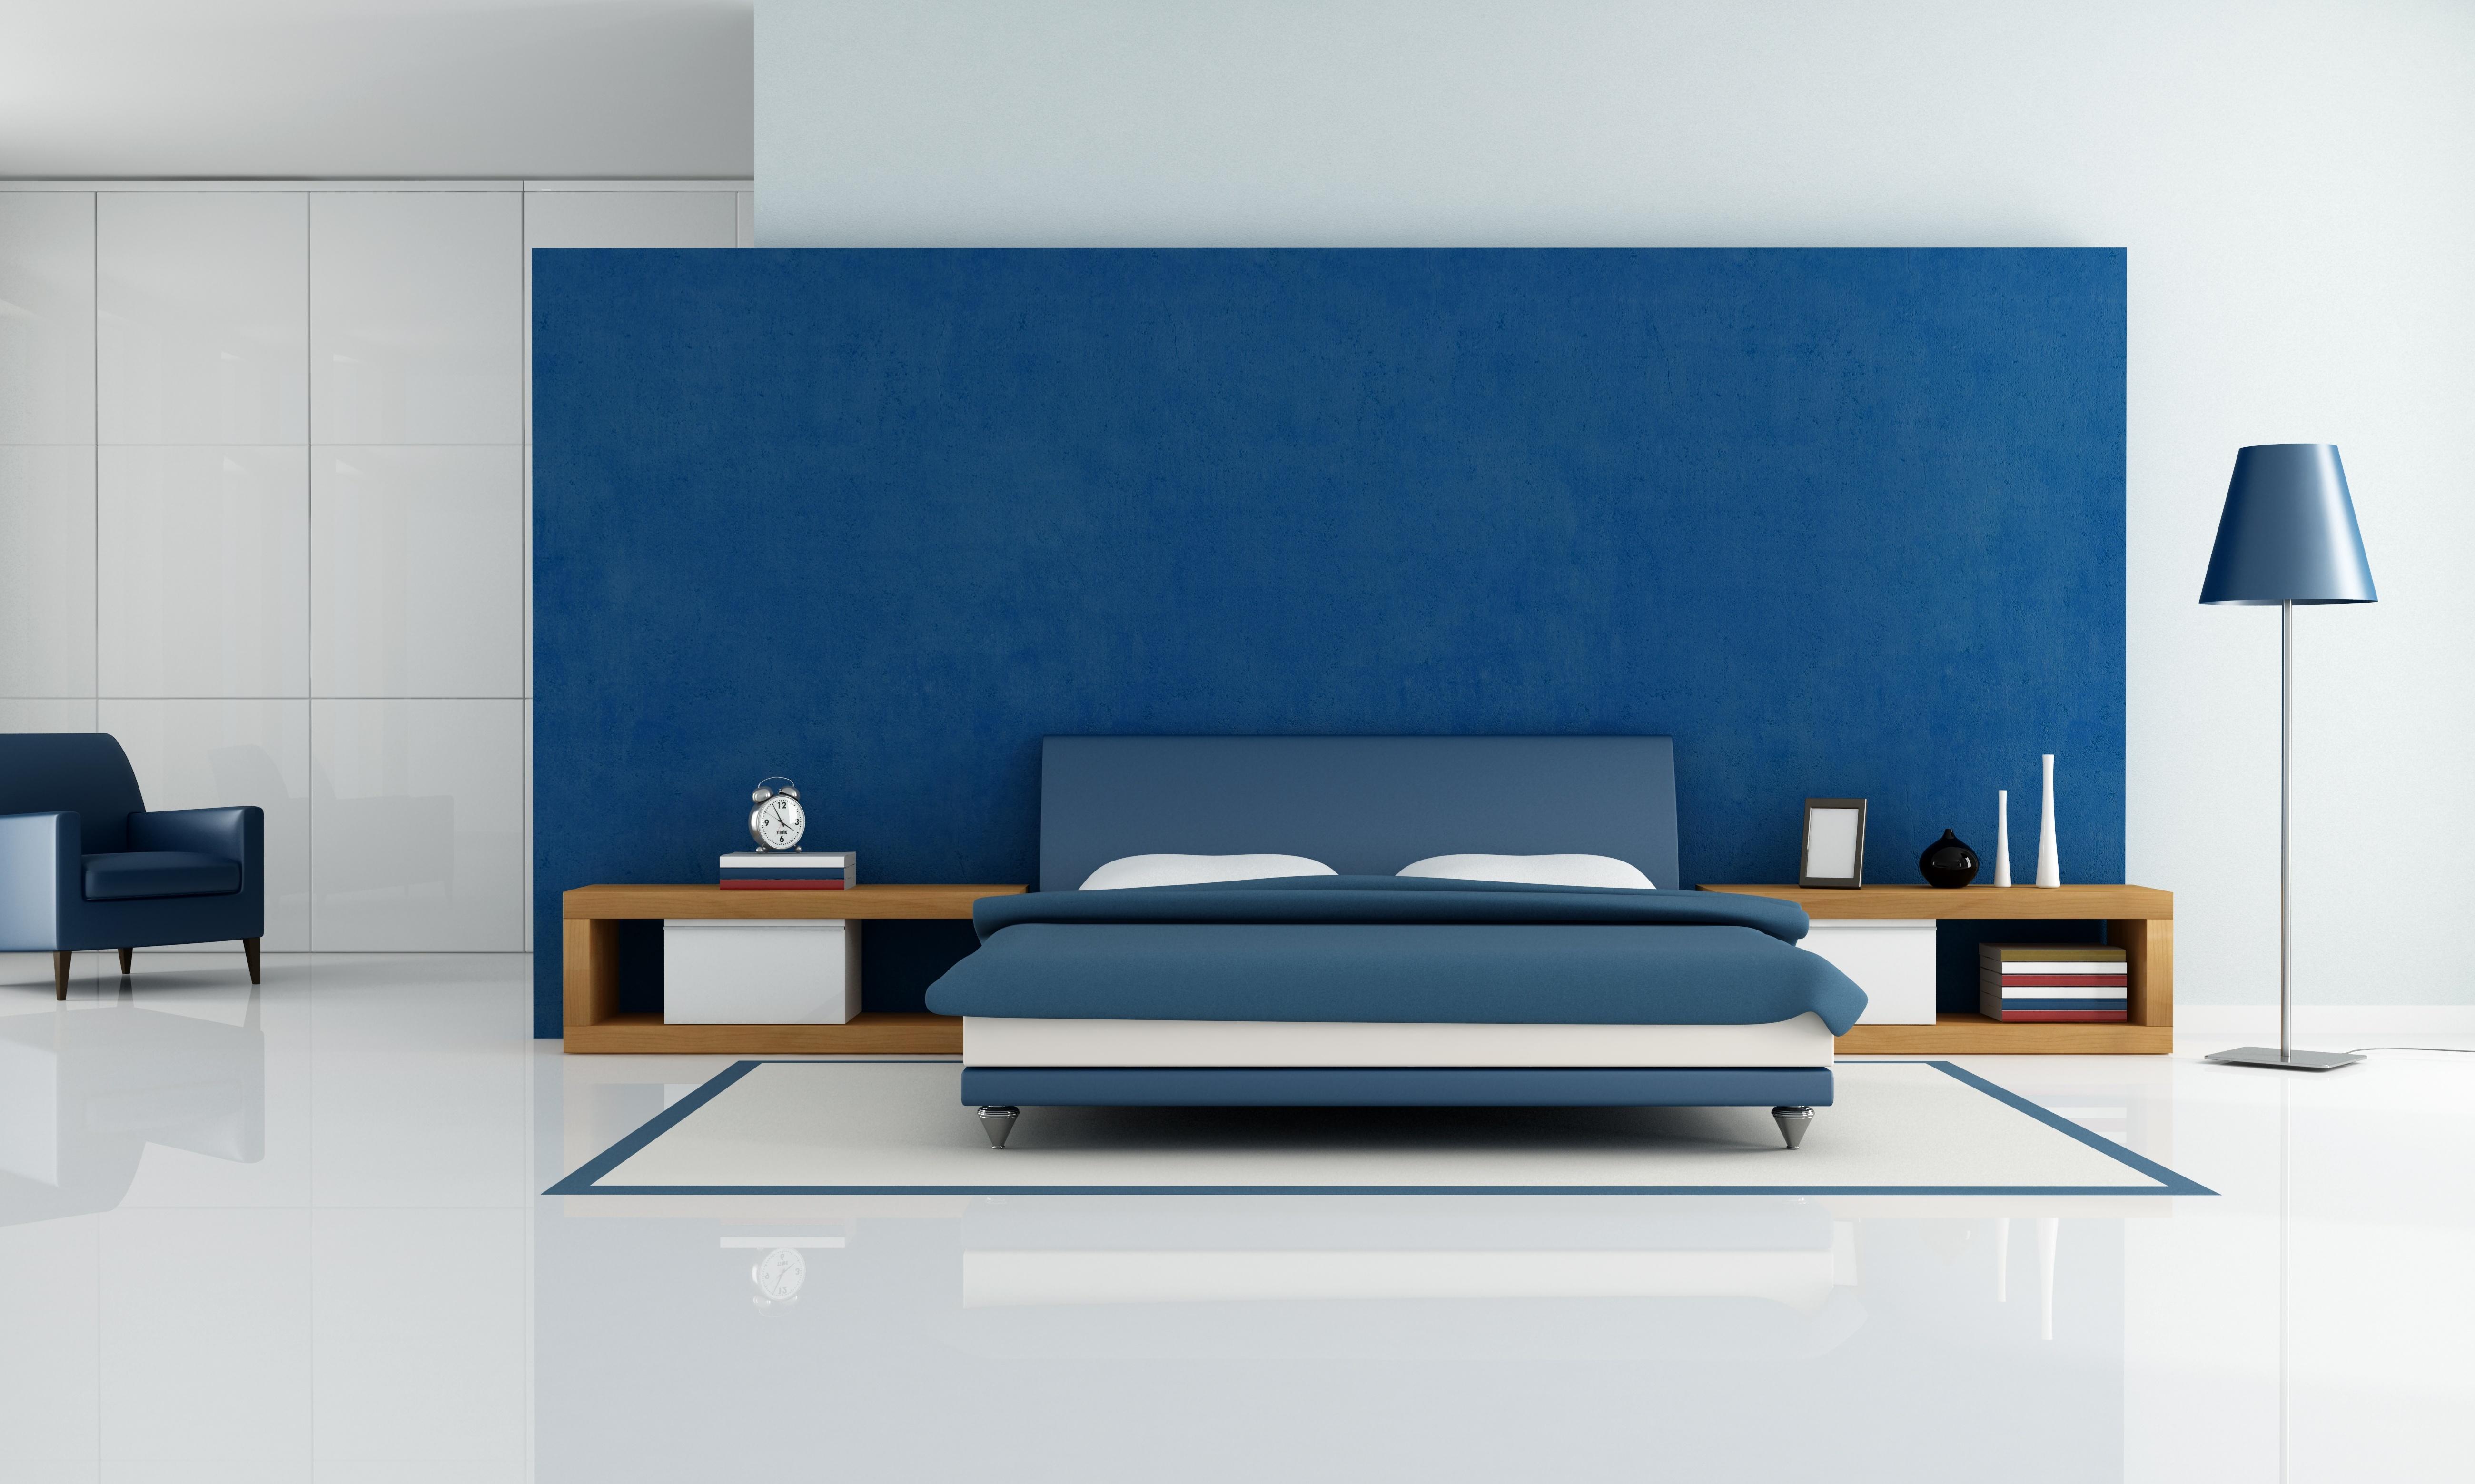 paredes-mezcladas-con-colores-y-texturas-para-dormitorios.jpg